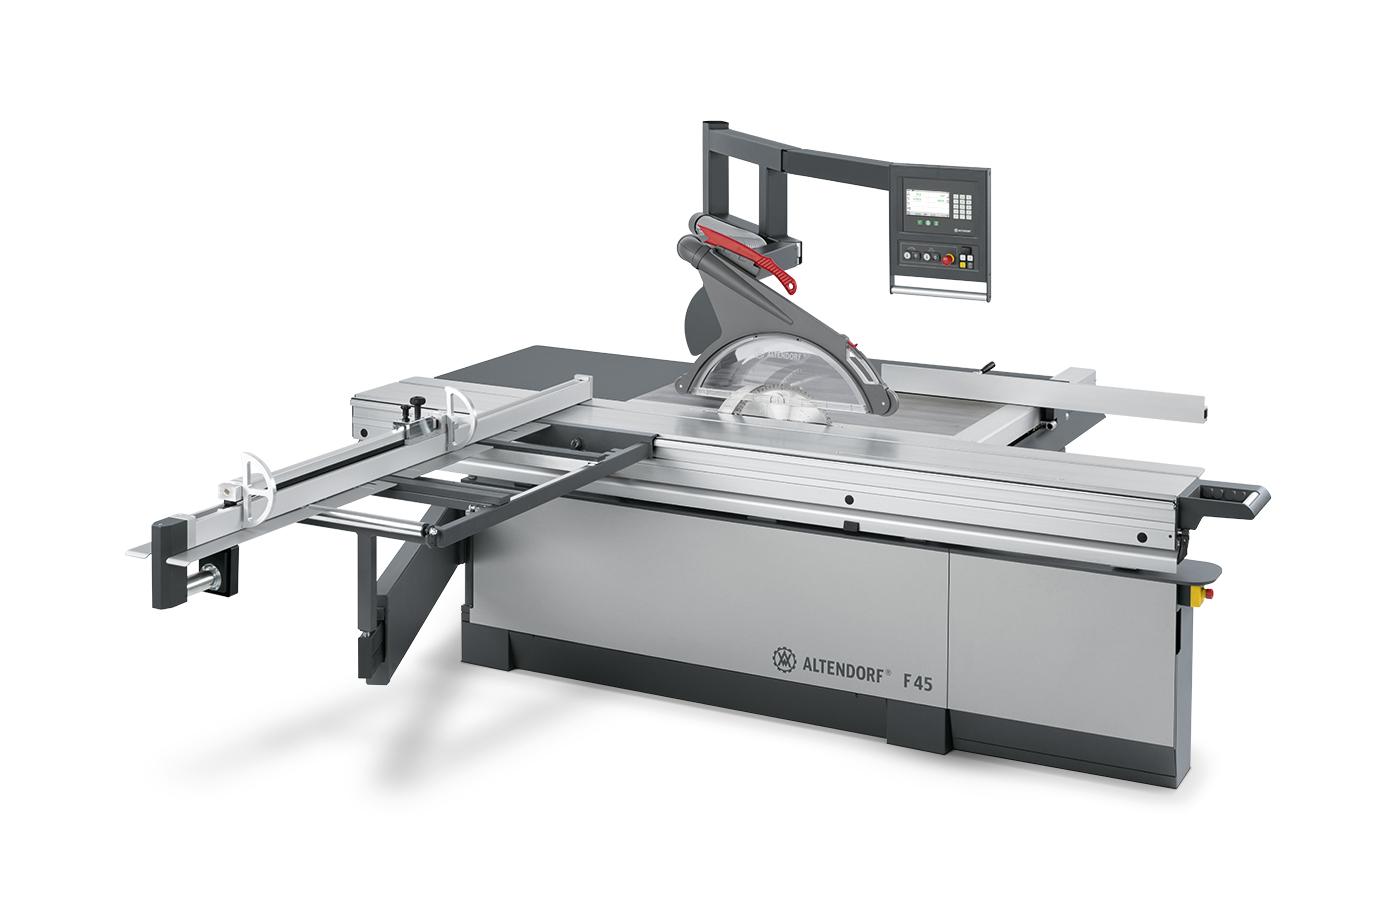 Macchine Per Lavorare Il Legno : Macchine per la lavorazione del legno usate compra su surplex